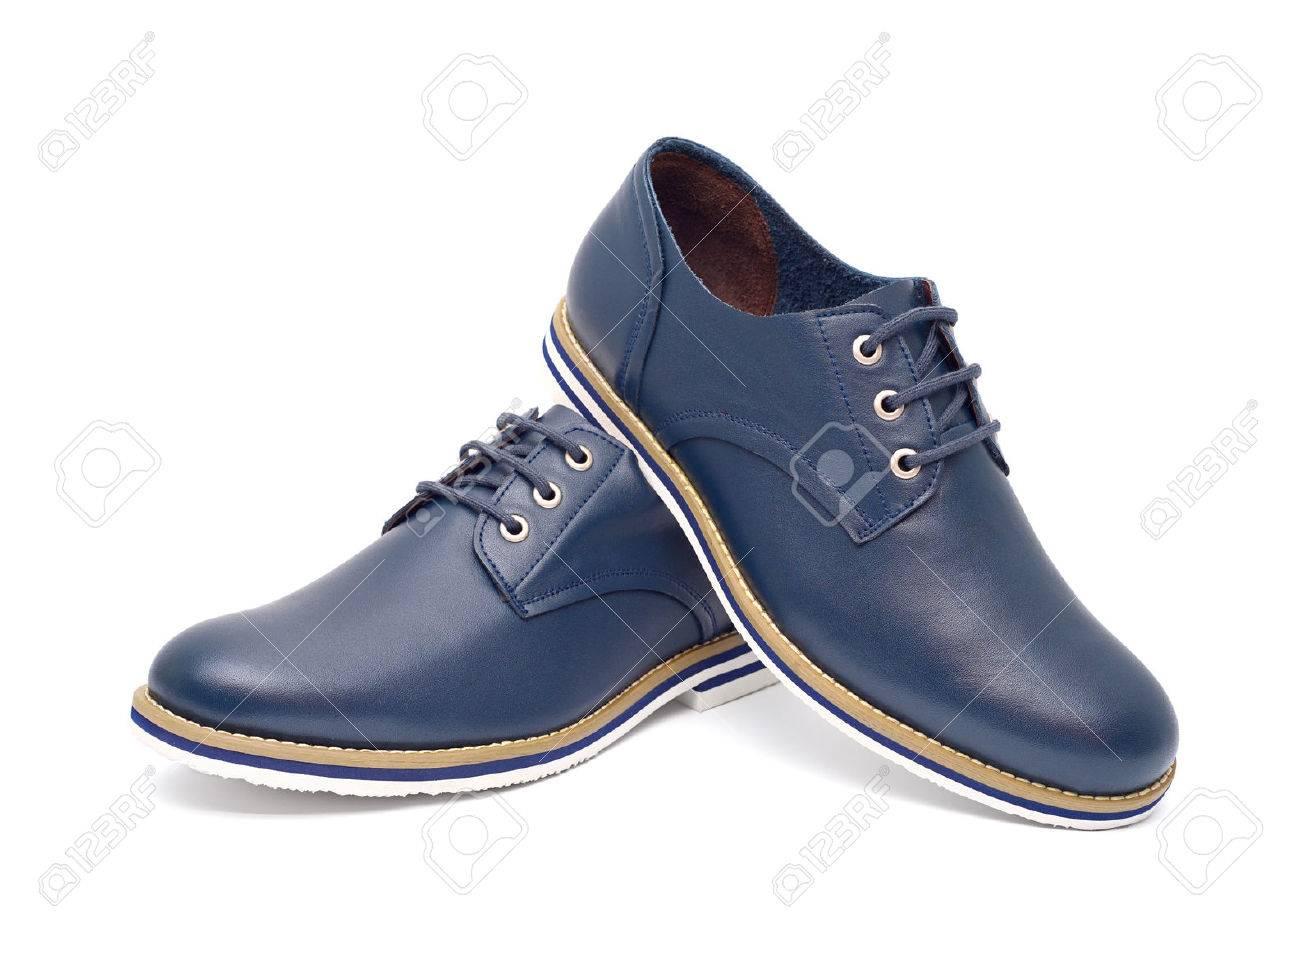 f7b9b4d6a9 Foto de archivo - Zapatos de moda de los hombres de diseño azul